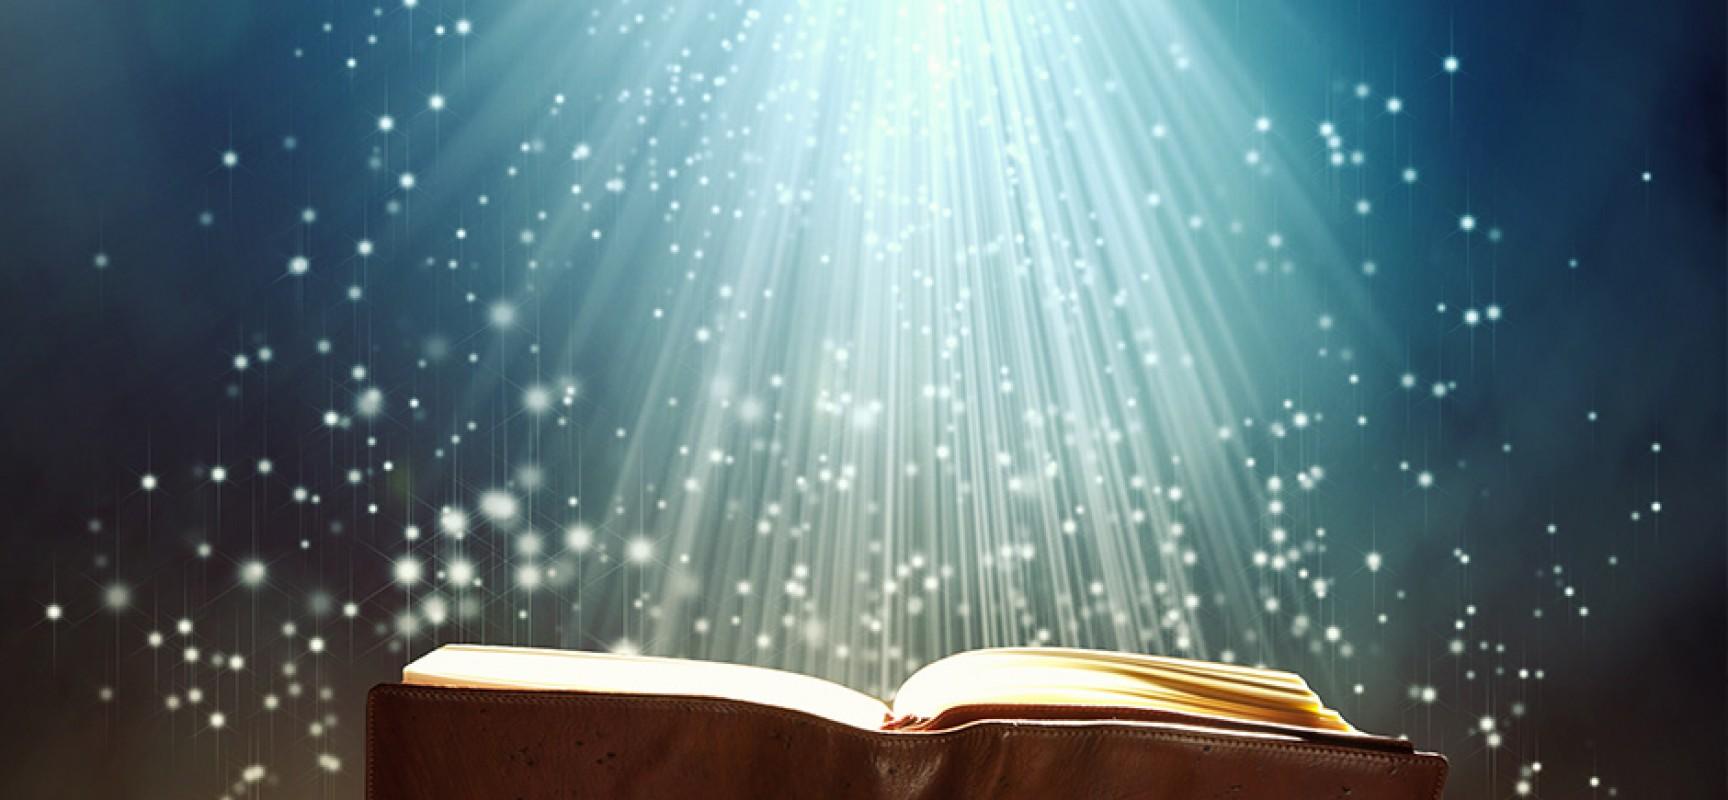 Resultado de imagen para biblia abierta wallpaper